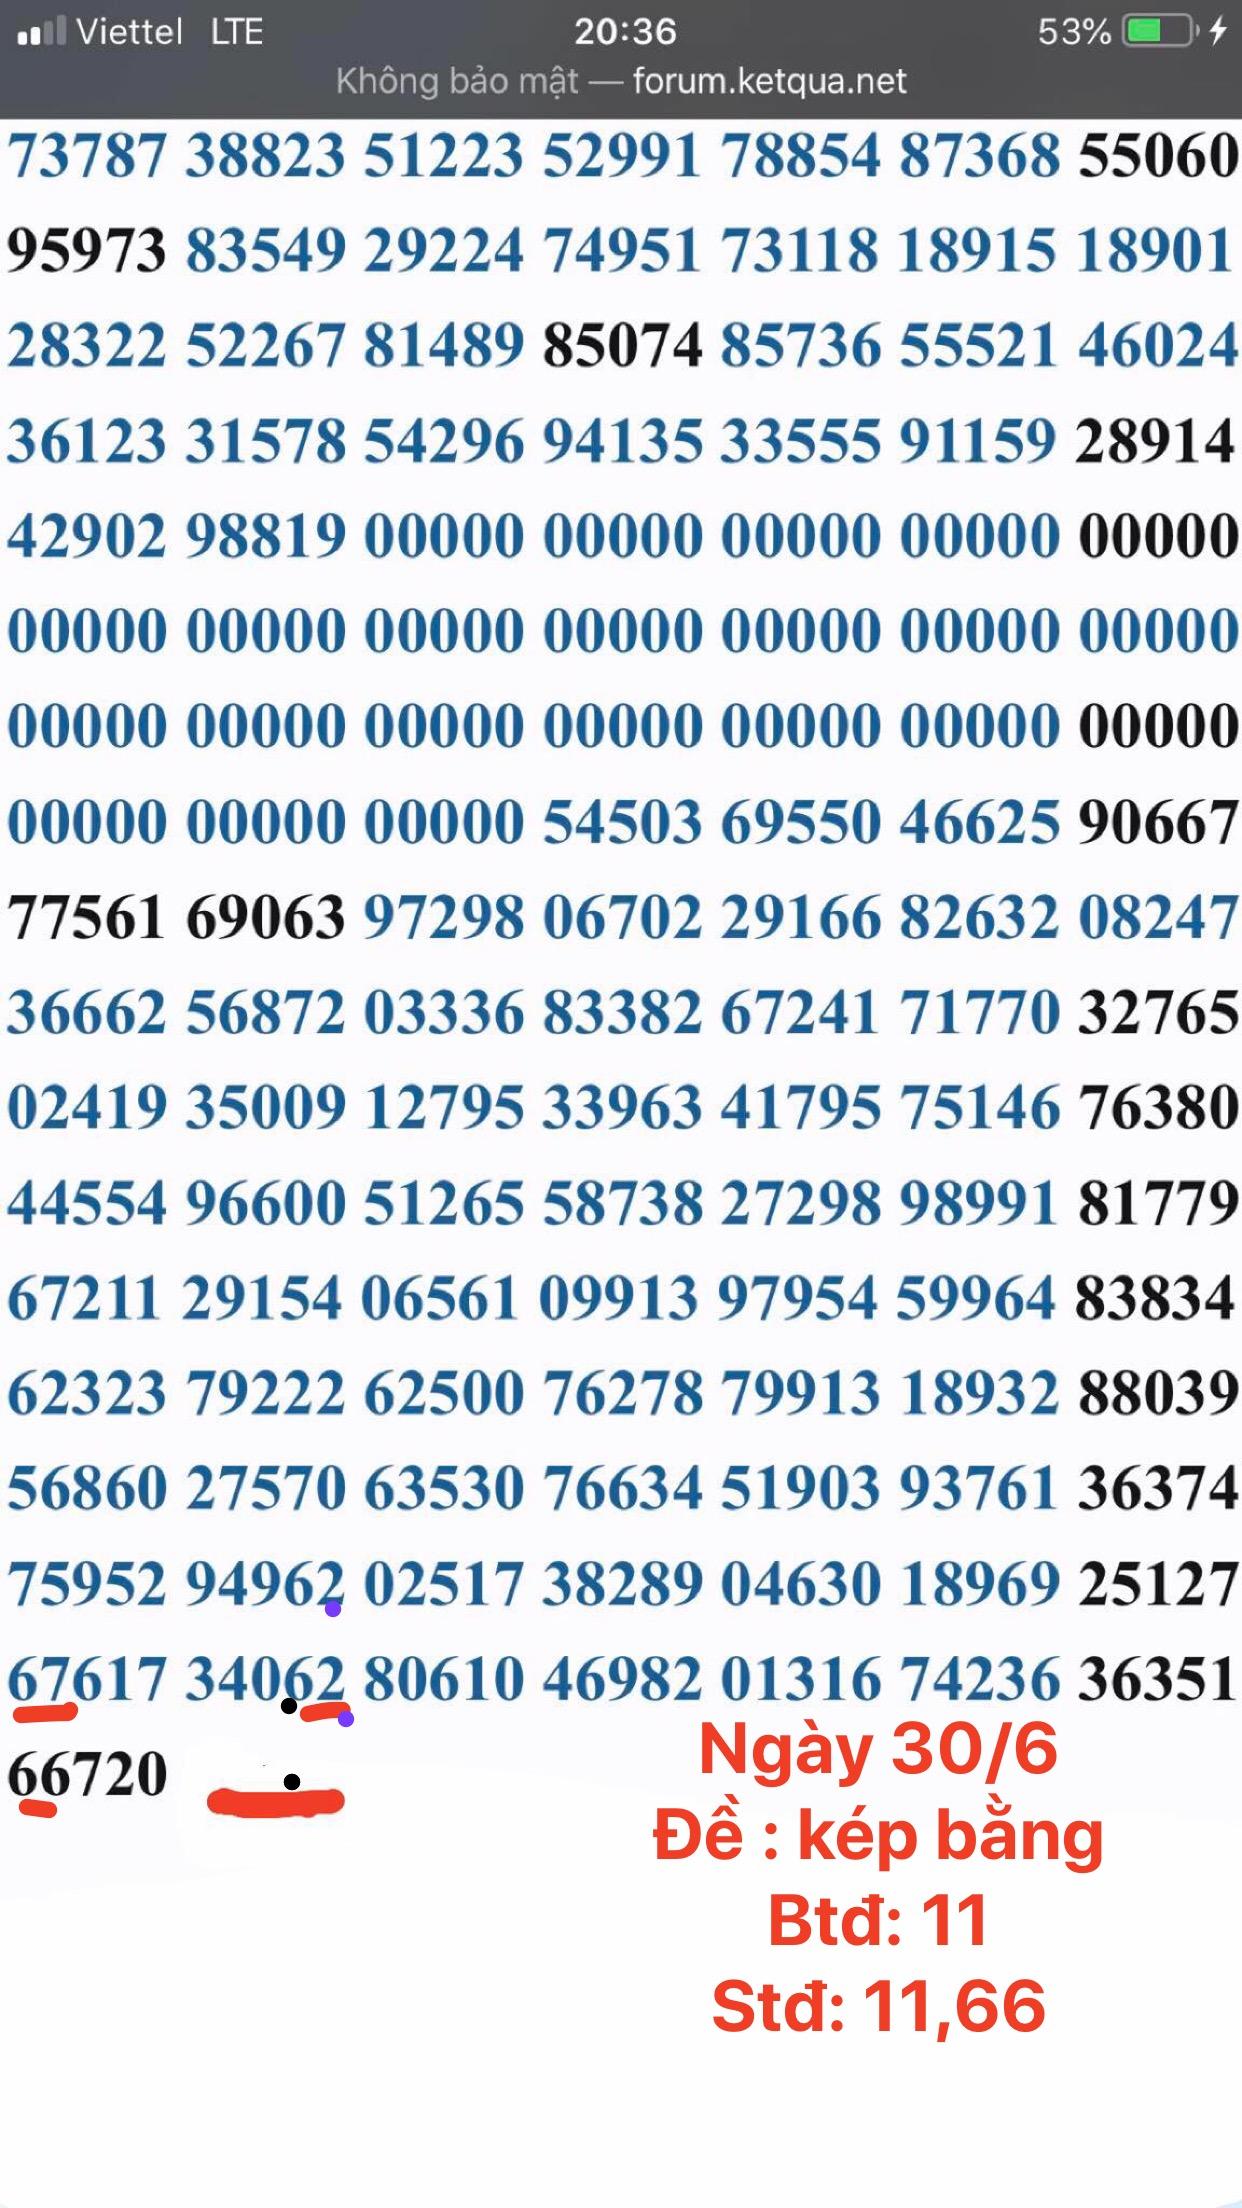 DA2B8A38-4B67-467C-8D63-C9E657F39DE7.jpeg